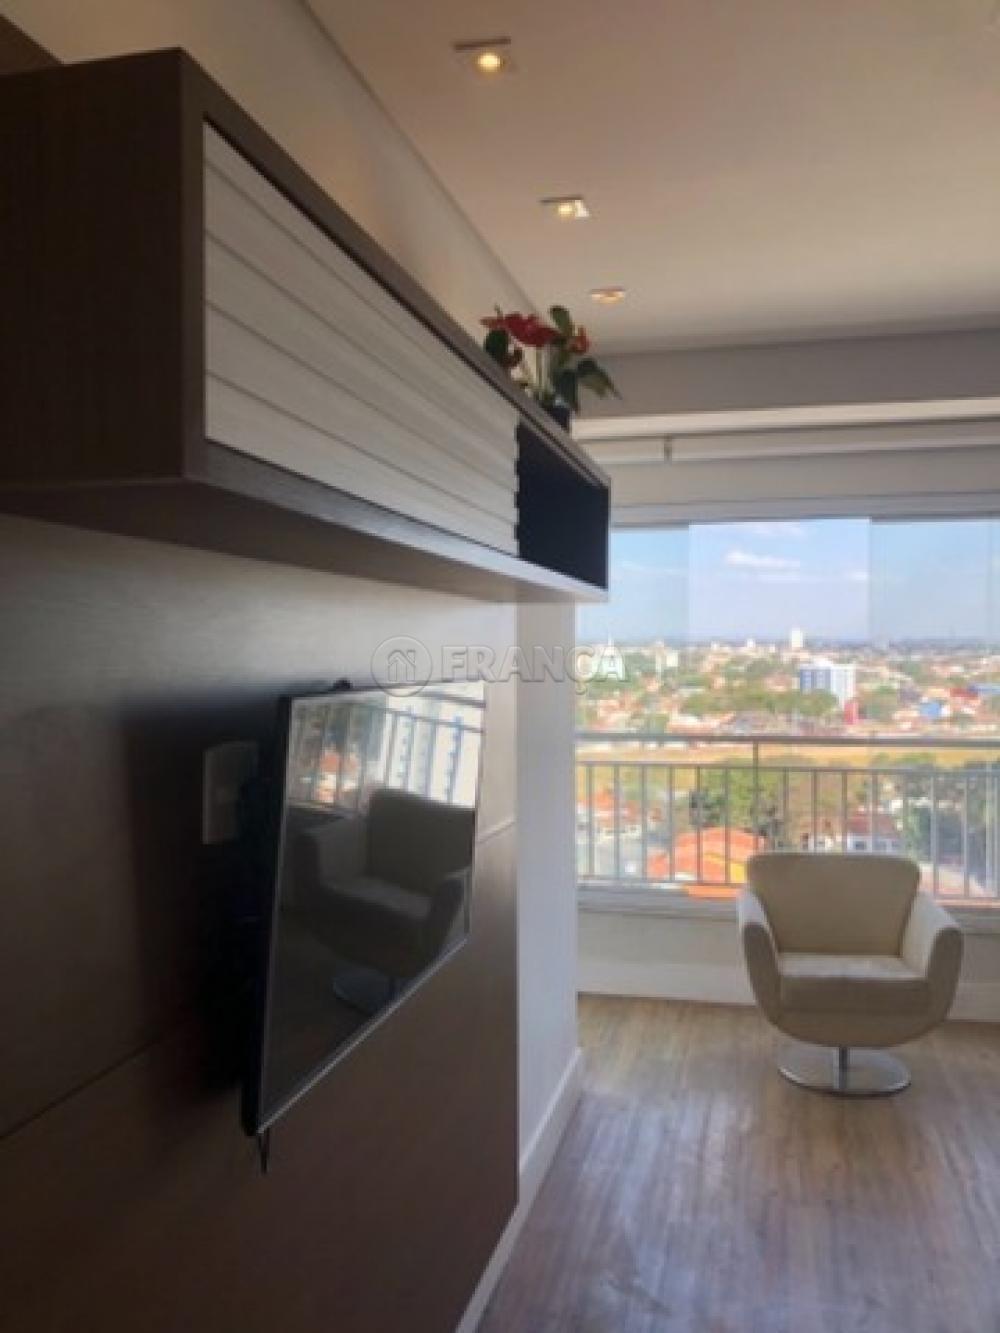 Comprar Apartamento / Padrão em São José dos Campos R$ 470.000,00 - Foto 1